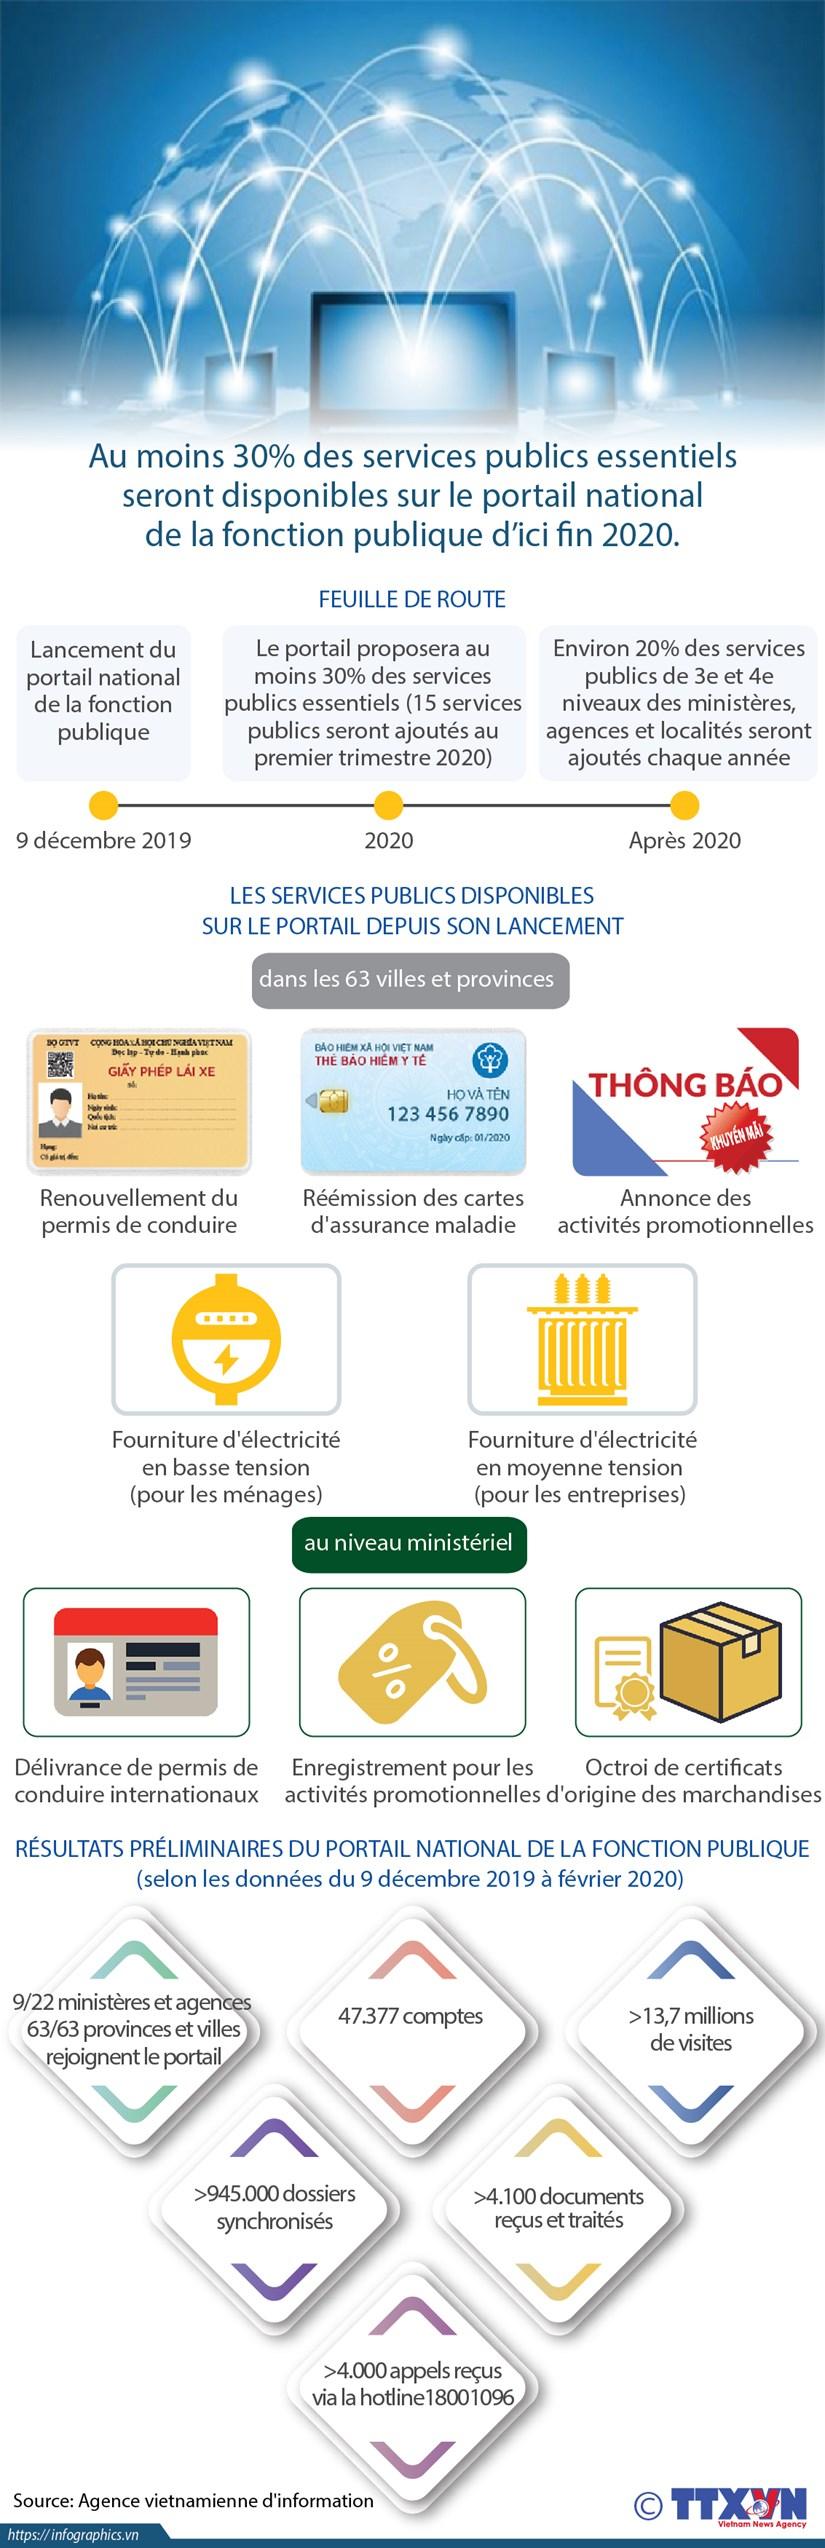 Resultats preliminaires du portail national de la fonction publique hinh anh 1